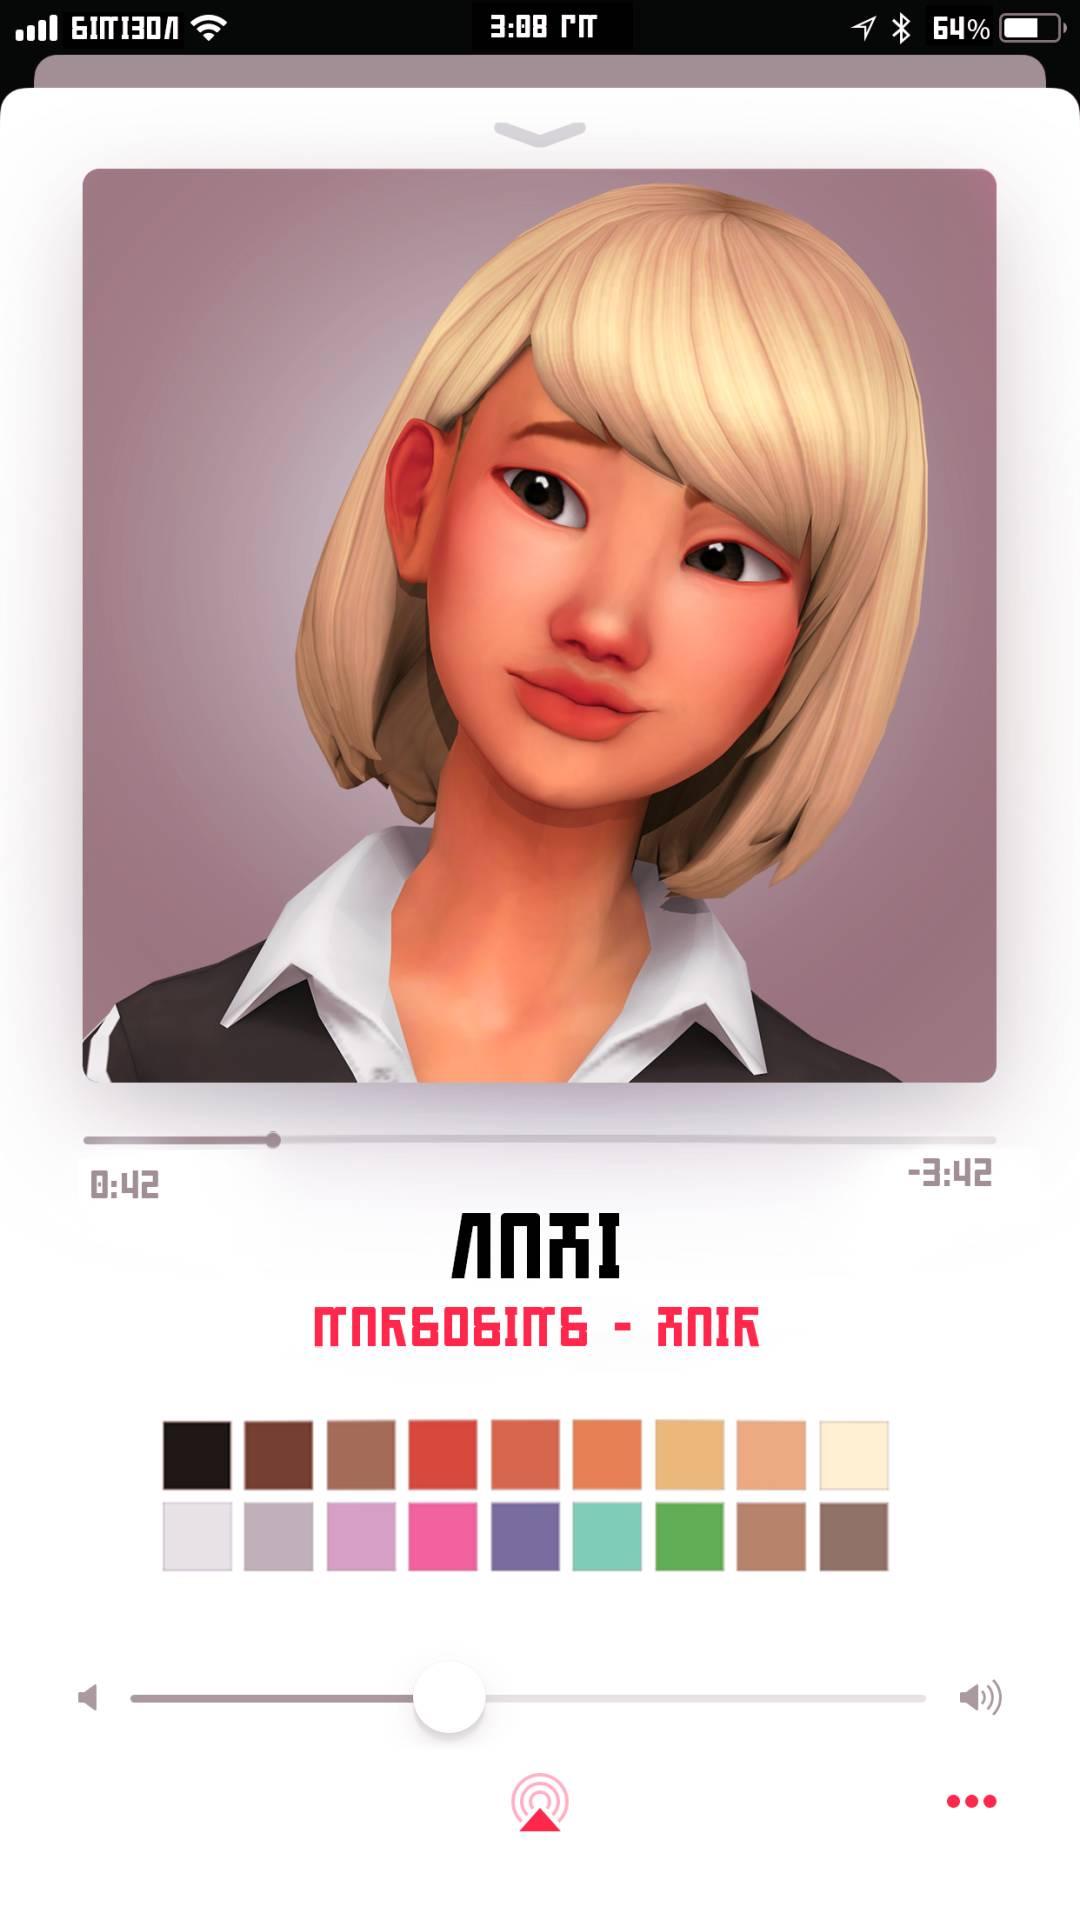 Женская прическа - NAHI HAIR